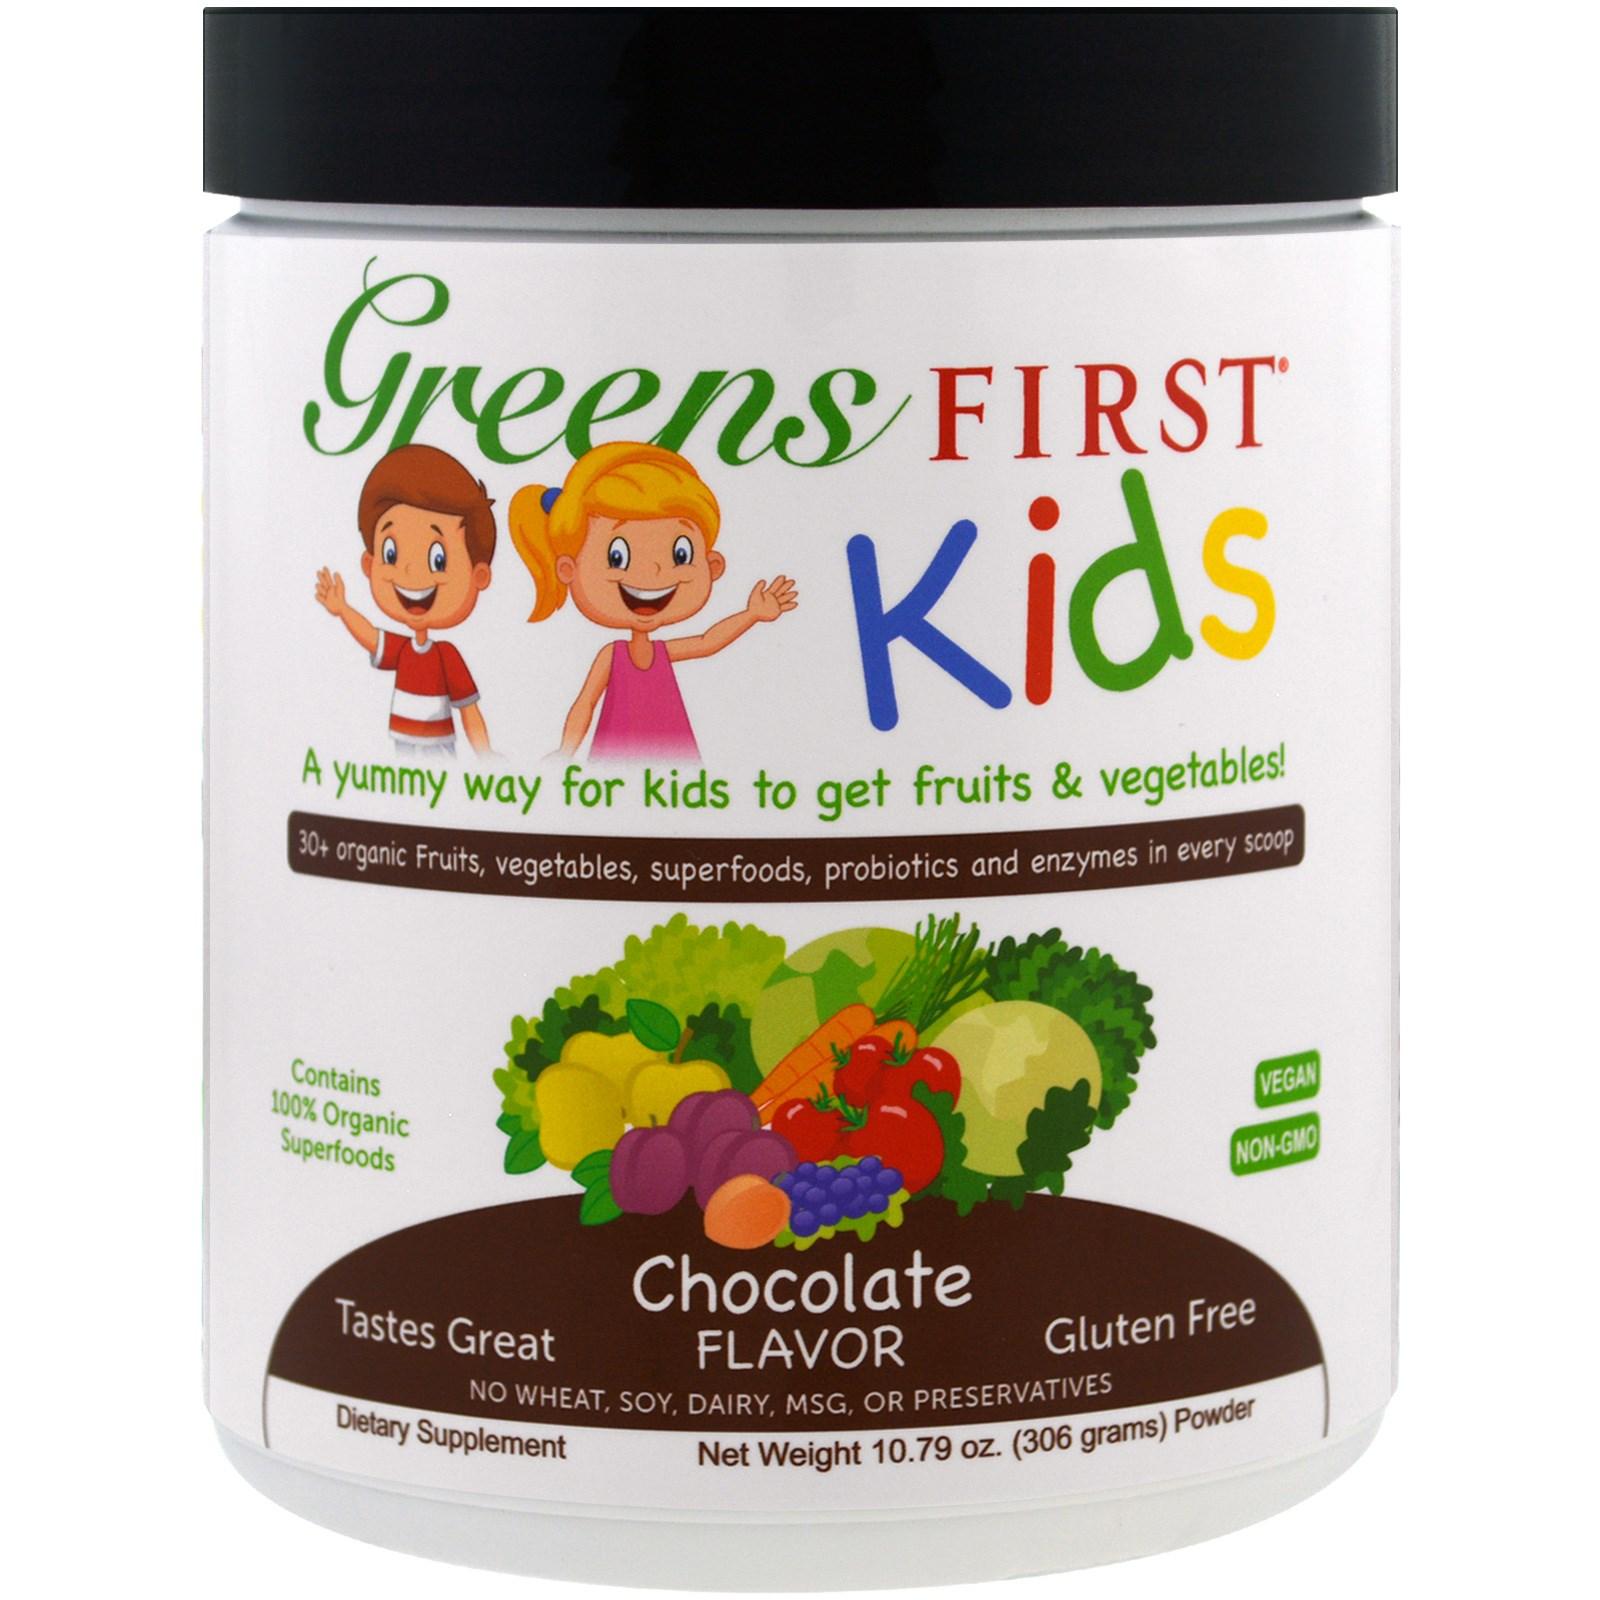 Greens First, Для детей, Коктейль с антиоксидантами и суперфудами, Шоколадный вкус, 10,79 унции (306 г)